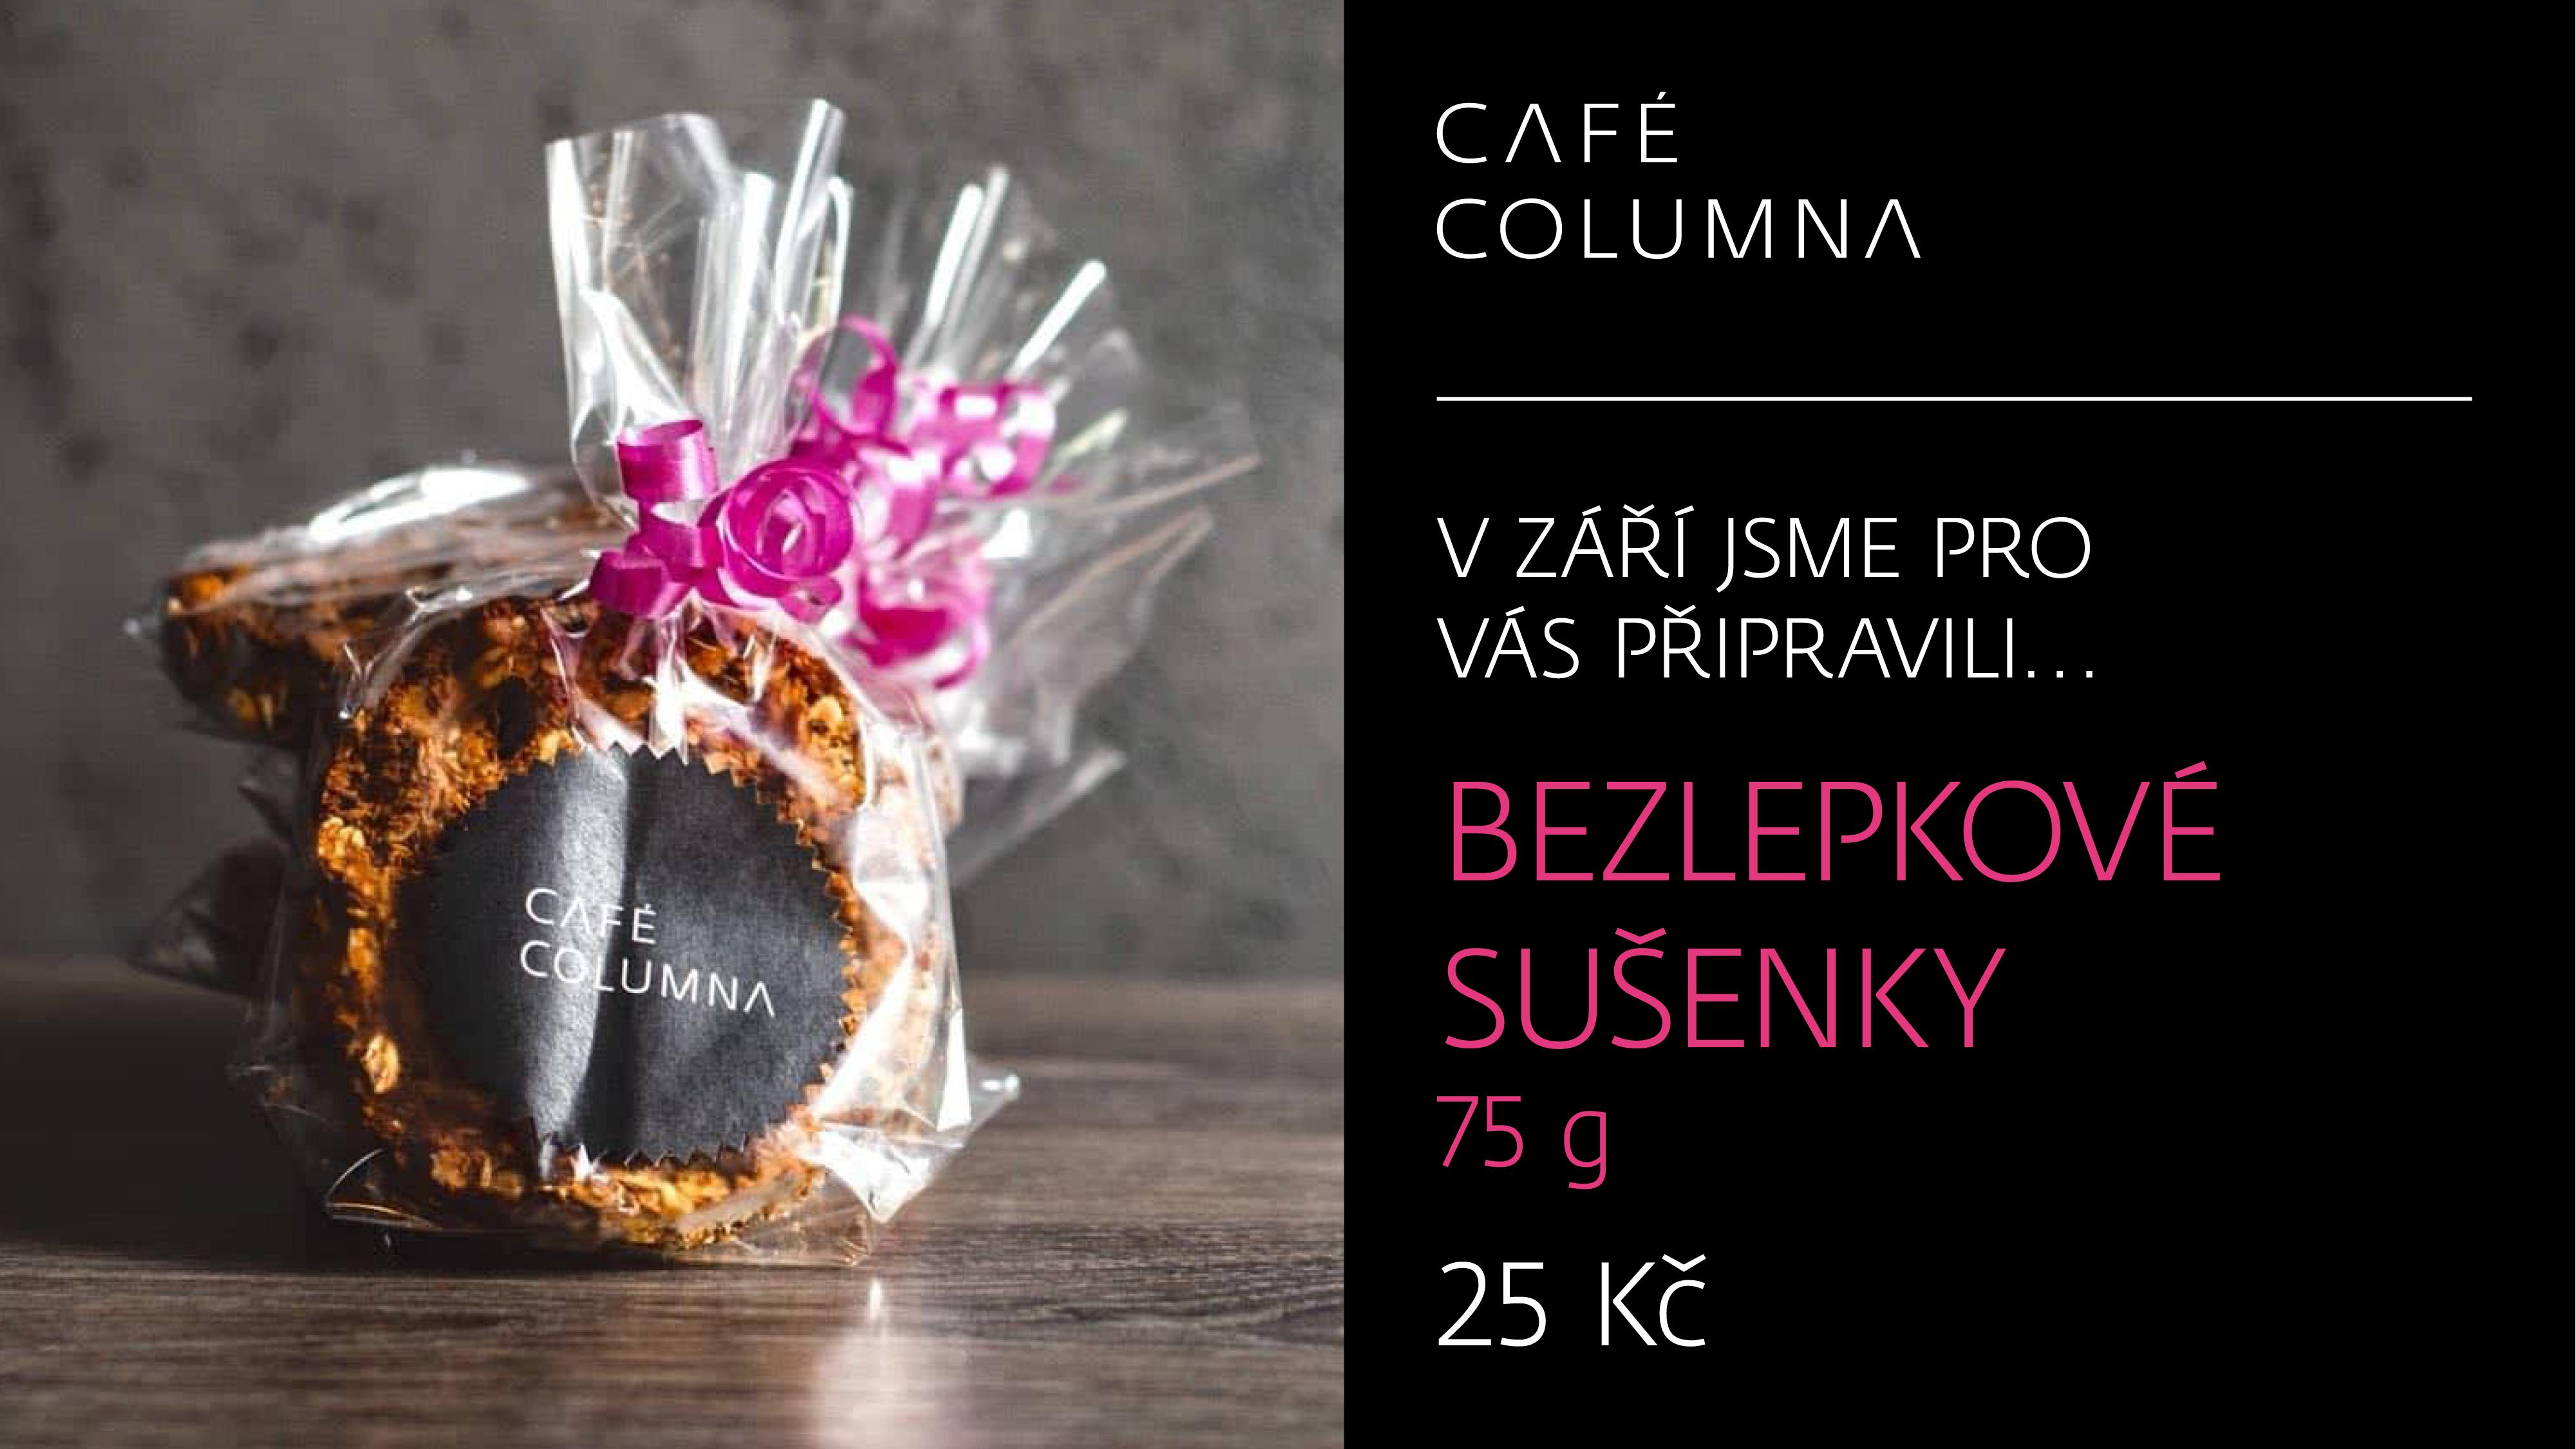 Café_Columna_LCD_1920x1080px_bezlepkove susenky